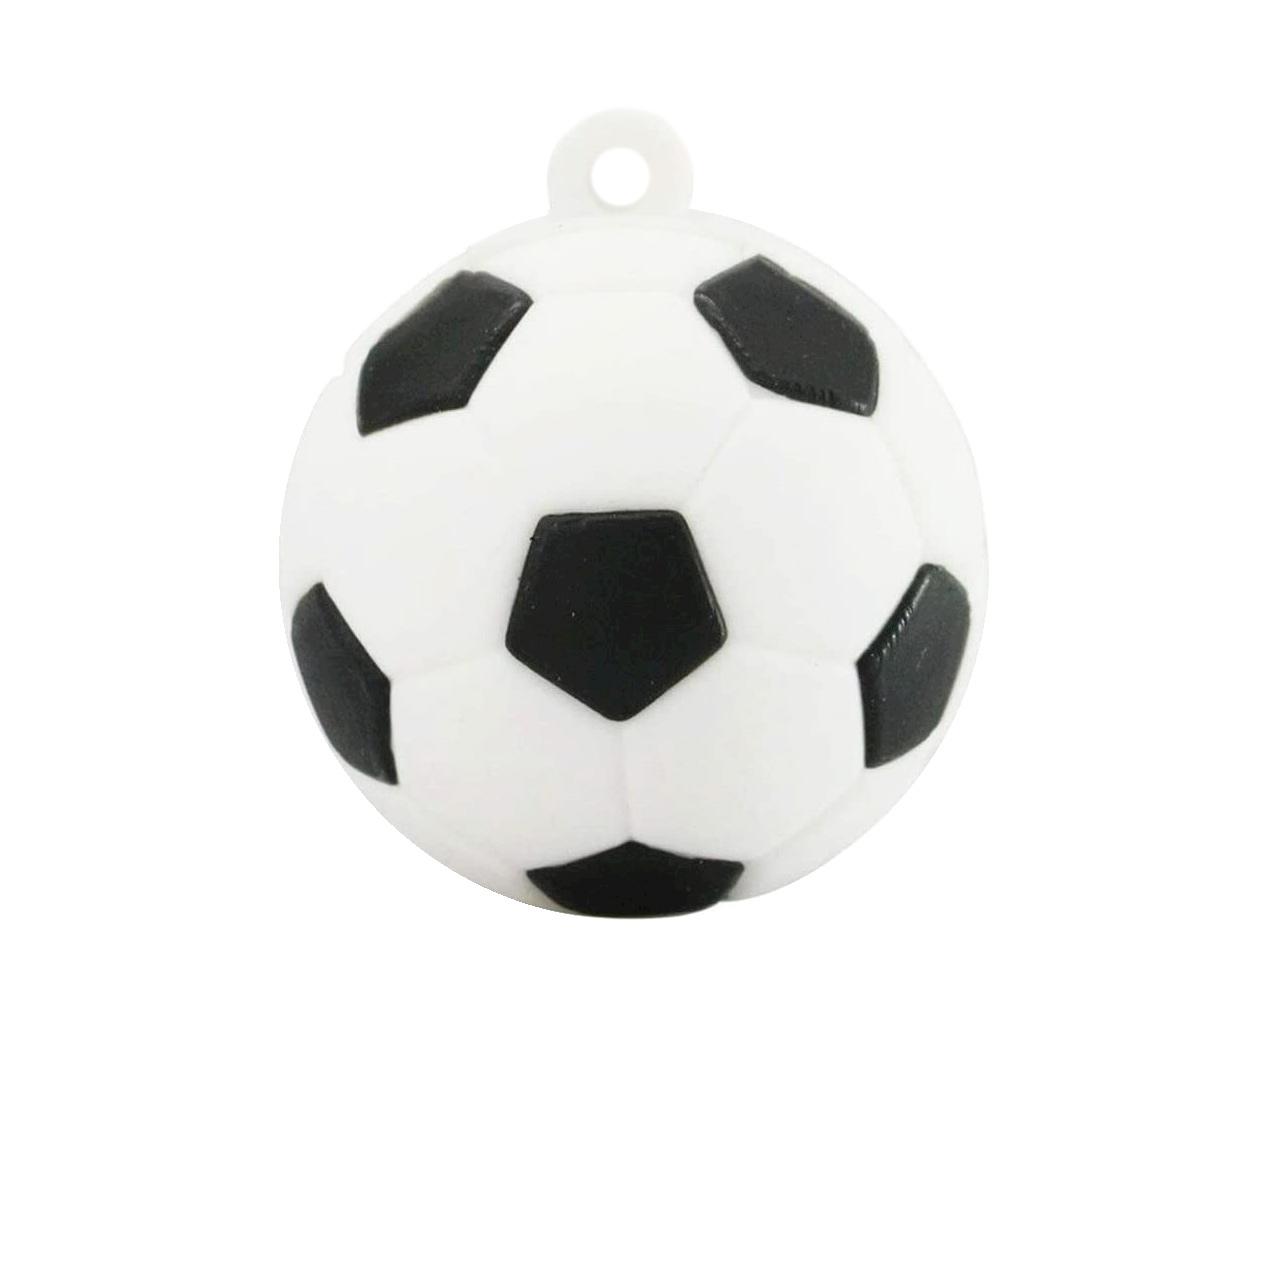 بررسی و {خرید با تخفیف} فلش مموری طرح توپ فوتبال مدل DPL1114 ظرفیت 32 گیگابایت اصل